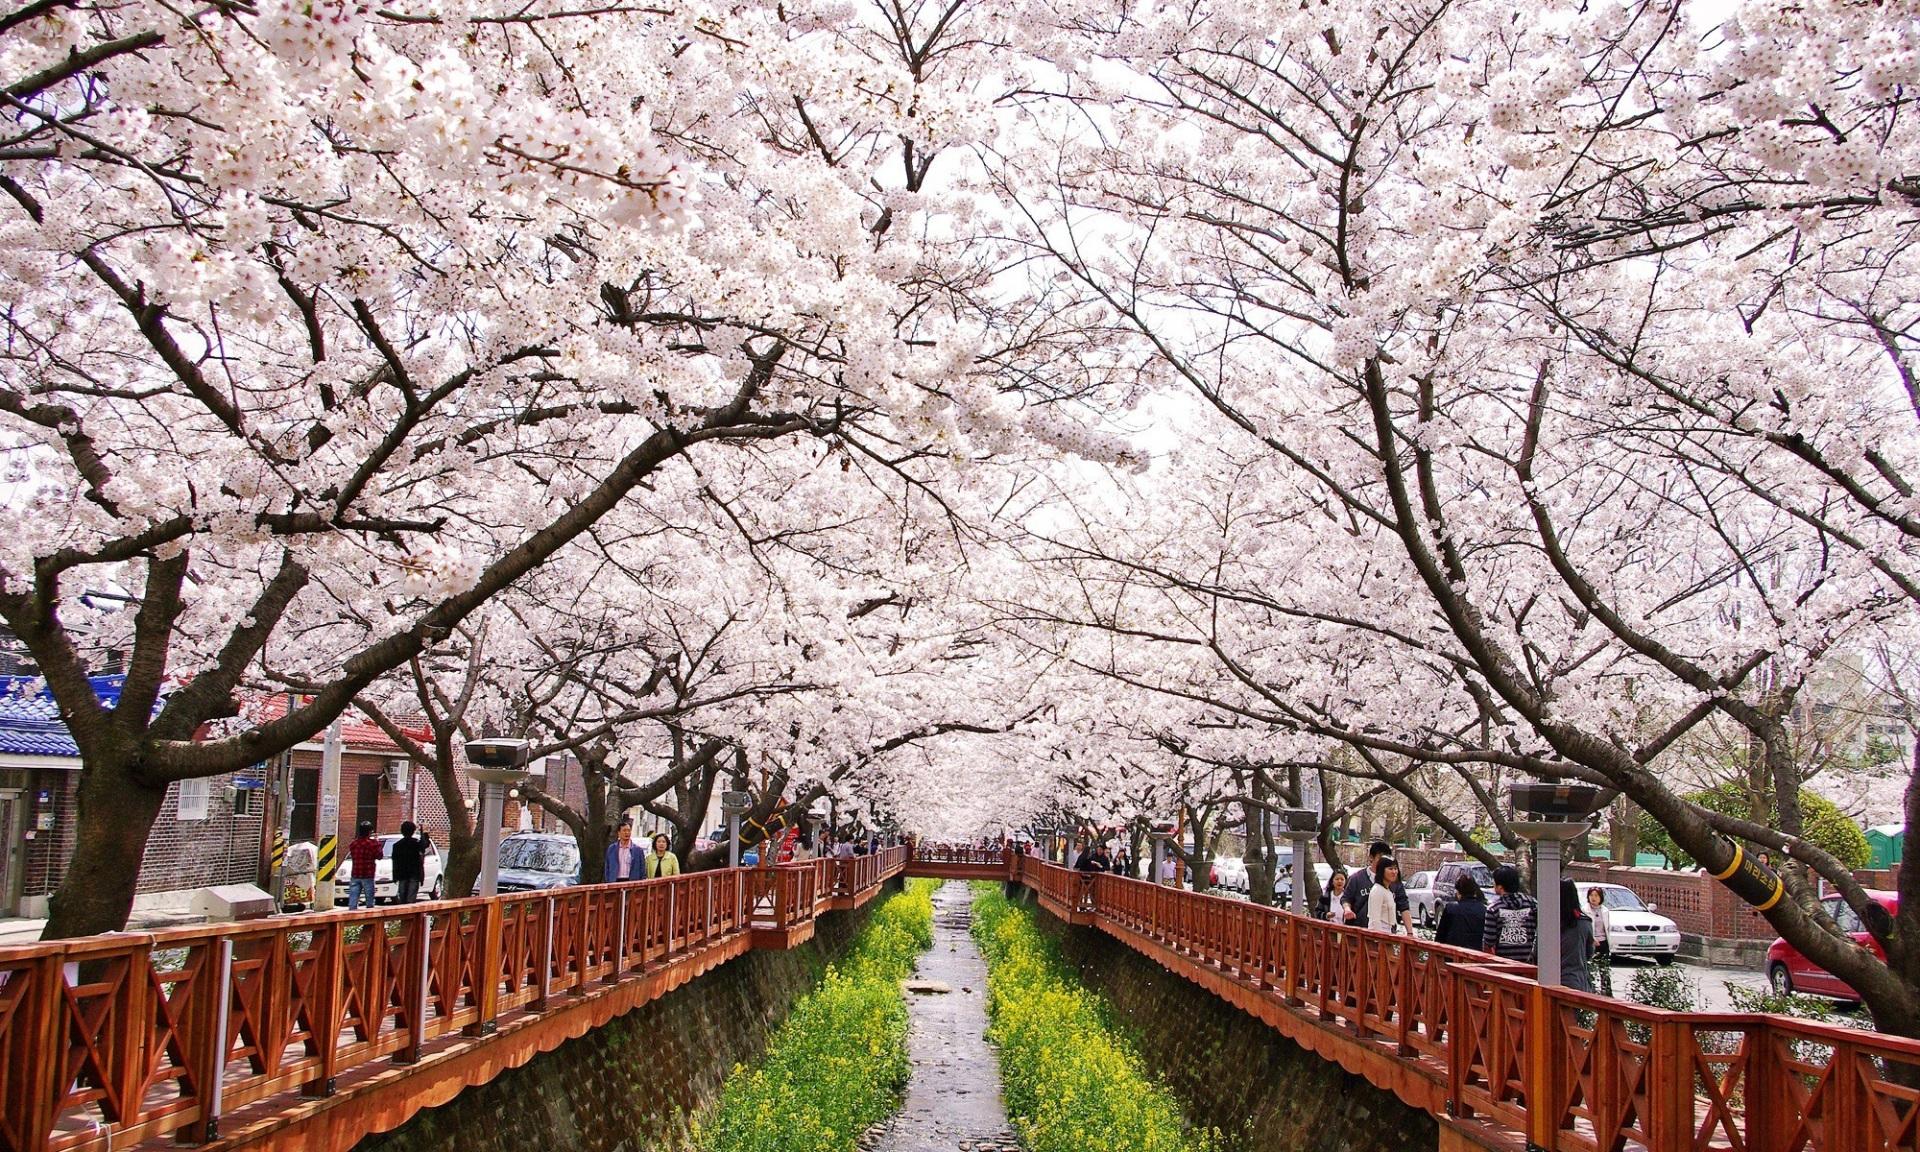 Du lịch Hàn Quốc 2019 - Tiên Phong Travel